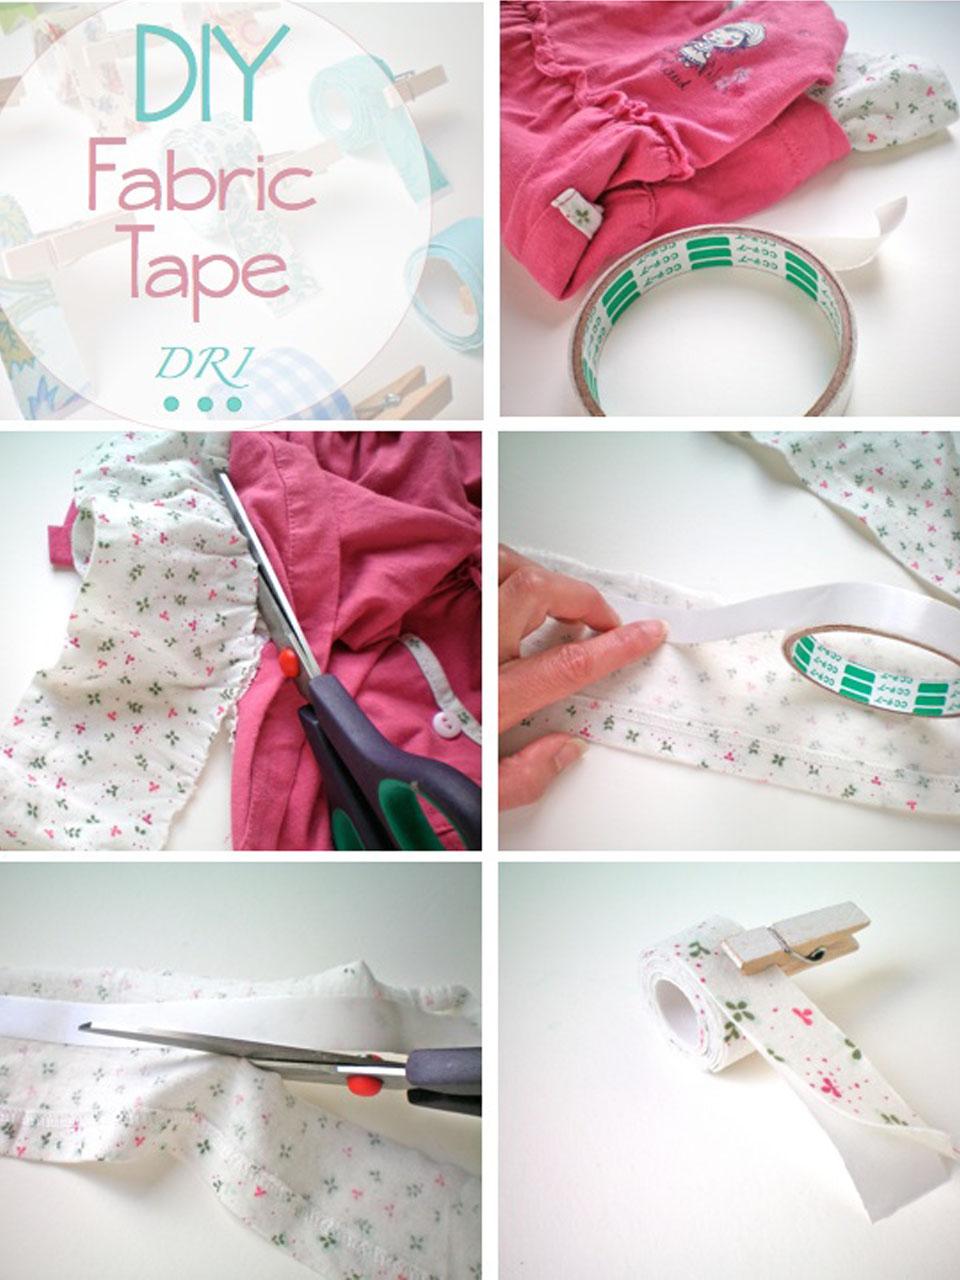 10 propuestas diy para decorar con washi tape - Como decorar con washi tape ...